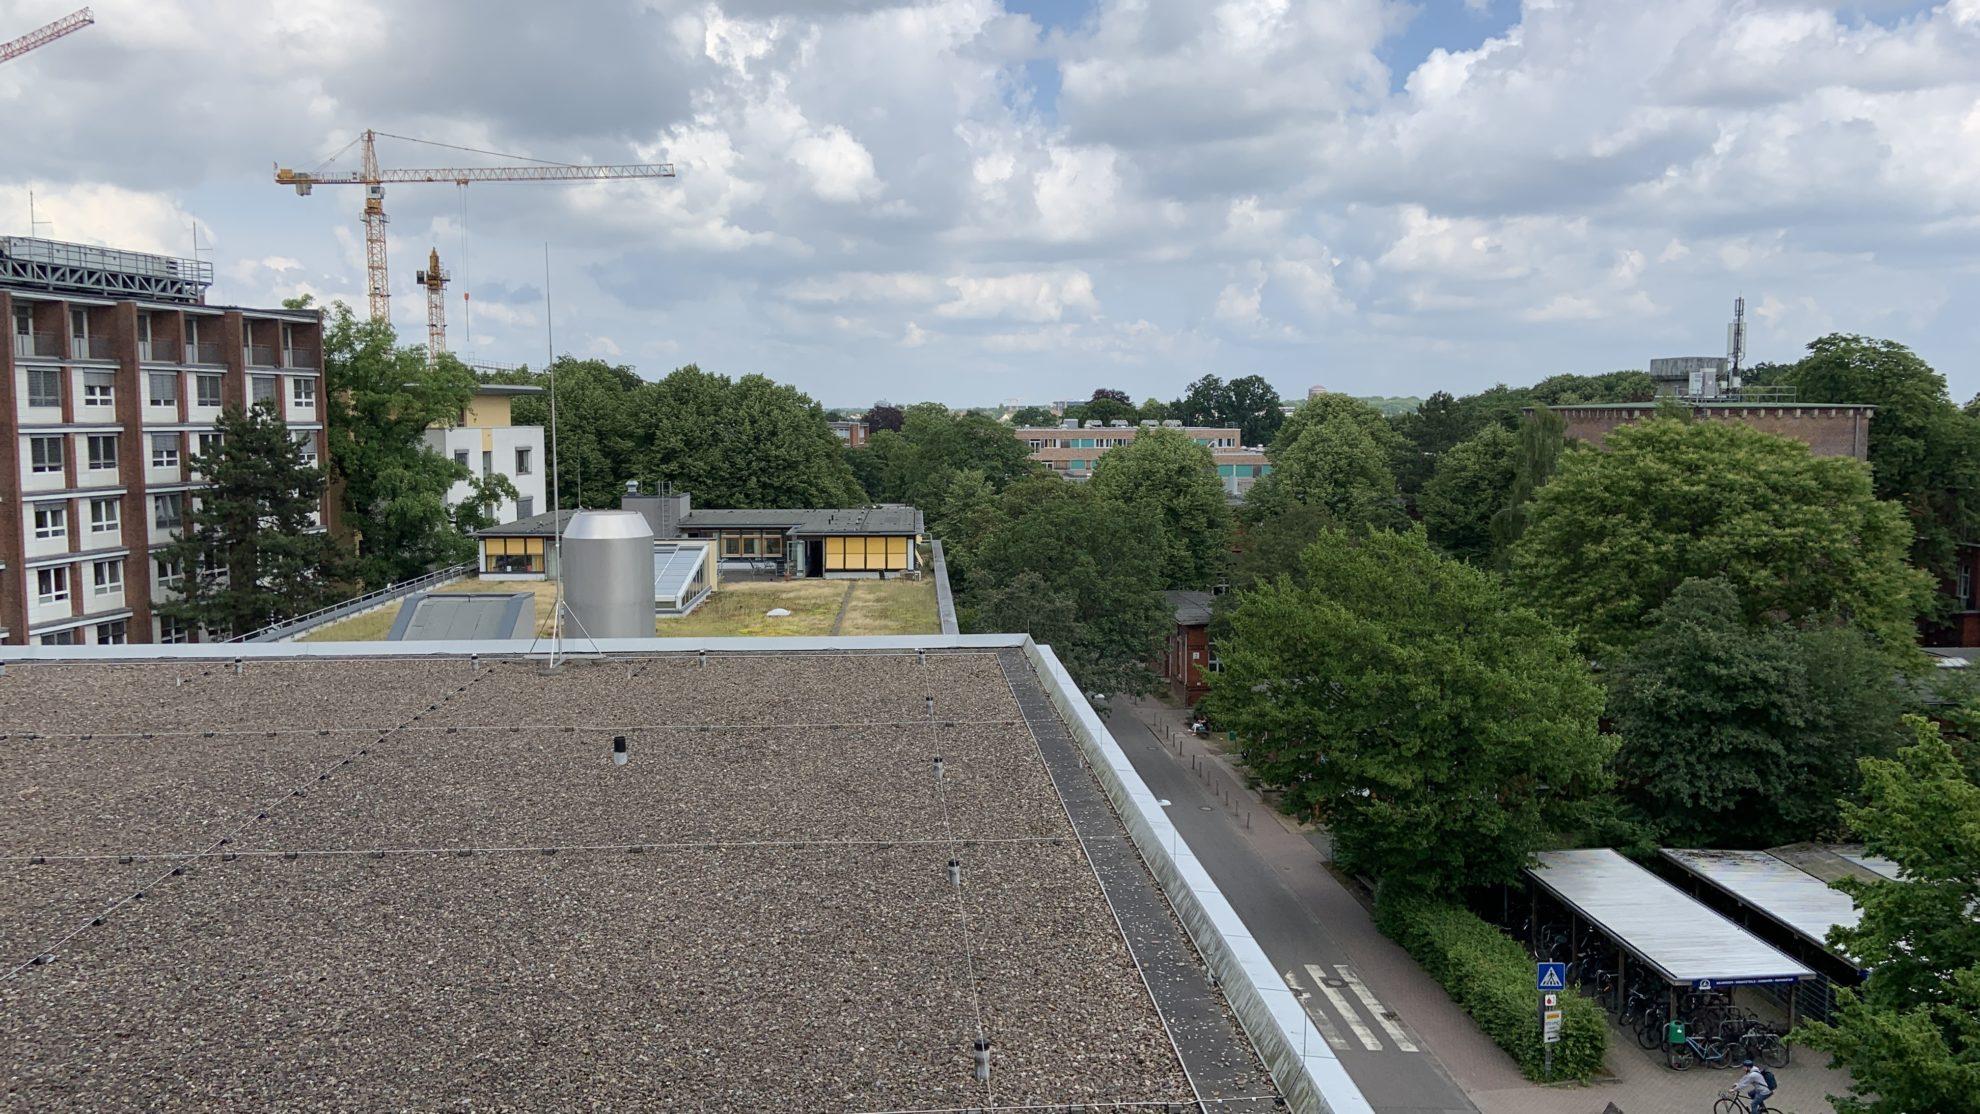 Blick aus einem Fenster auf das UKE-Gelände